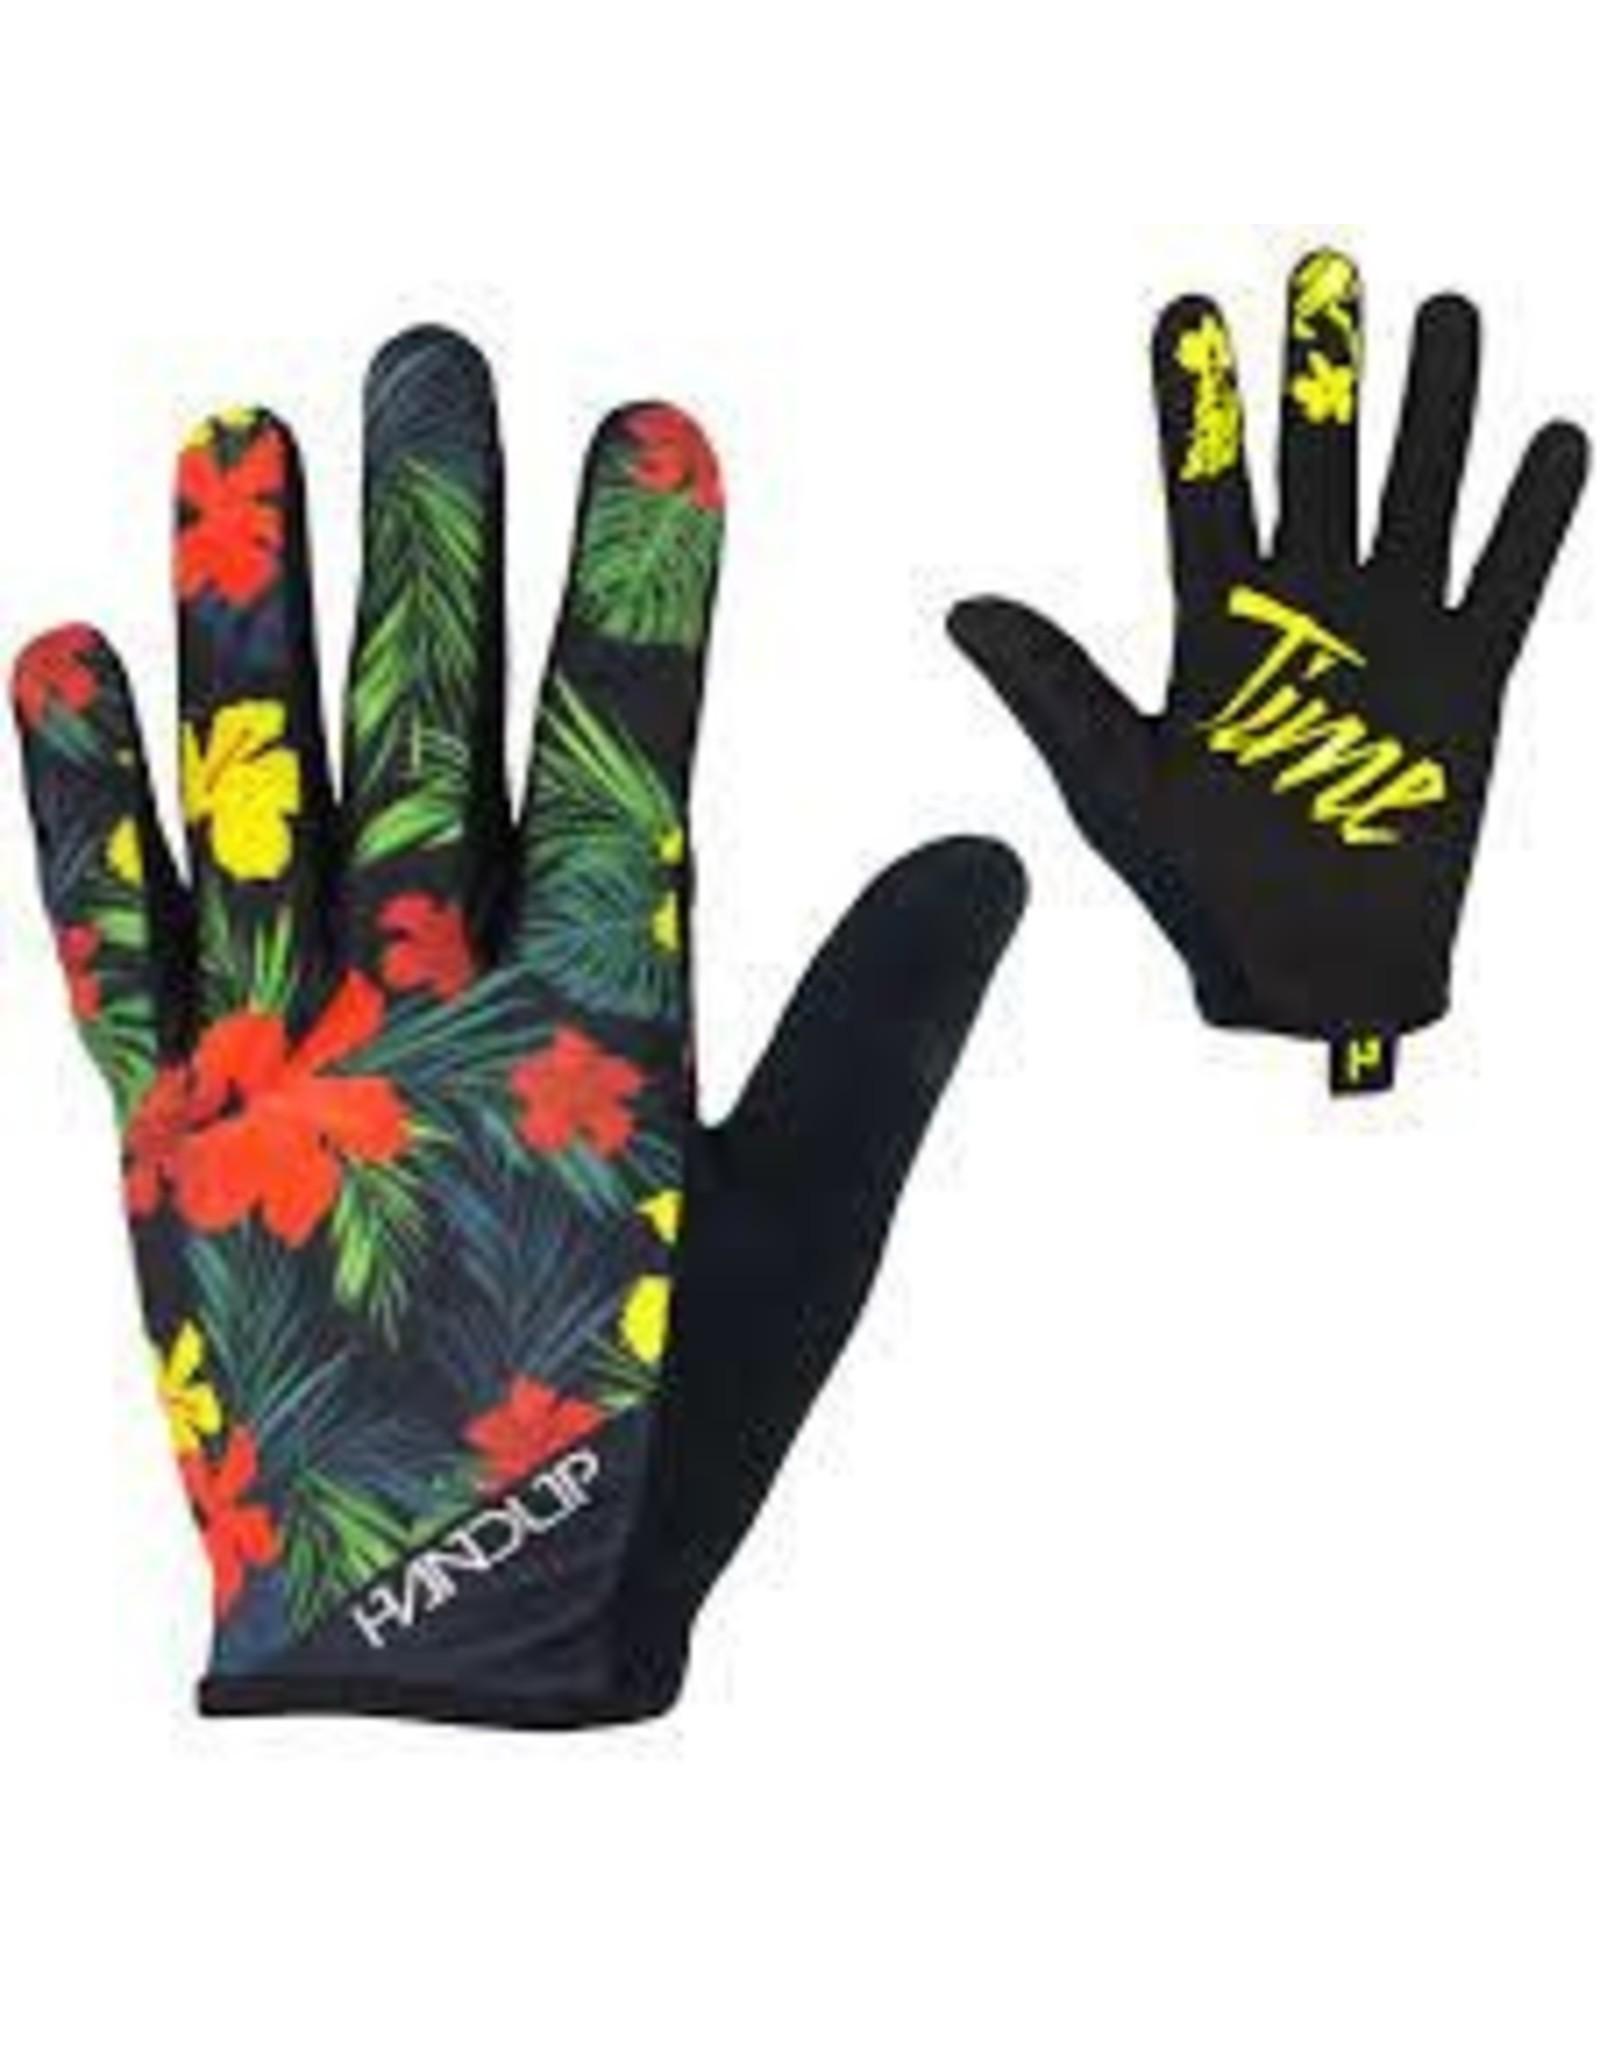 Handup Gloves Glove Handup Beach Party Small